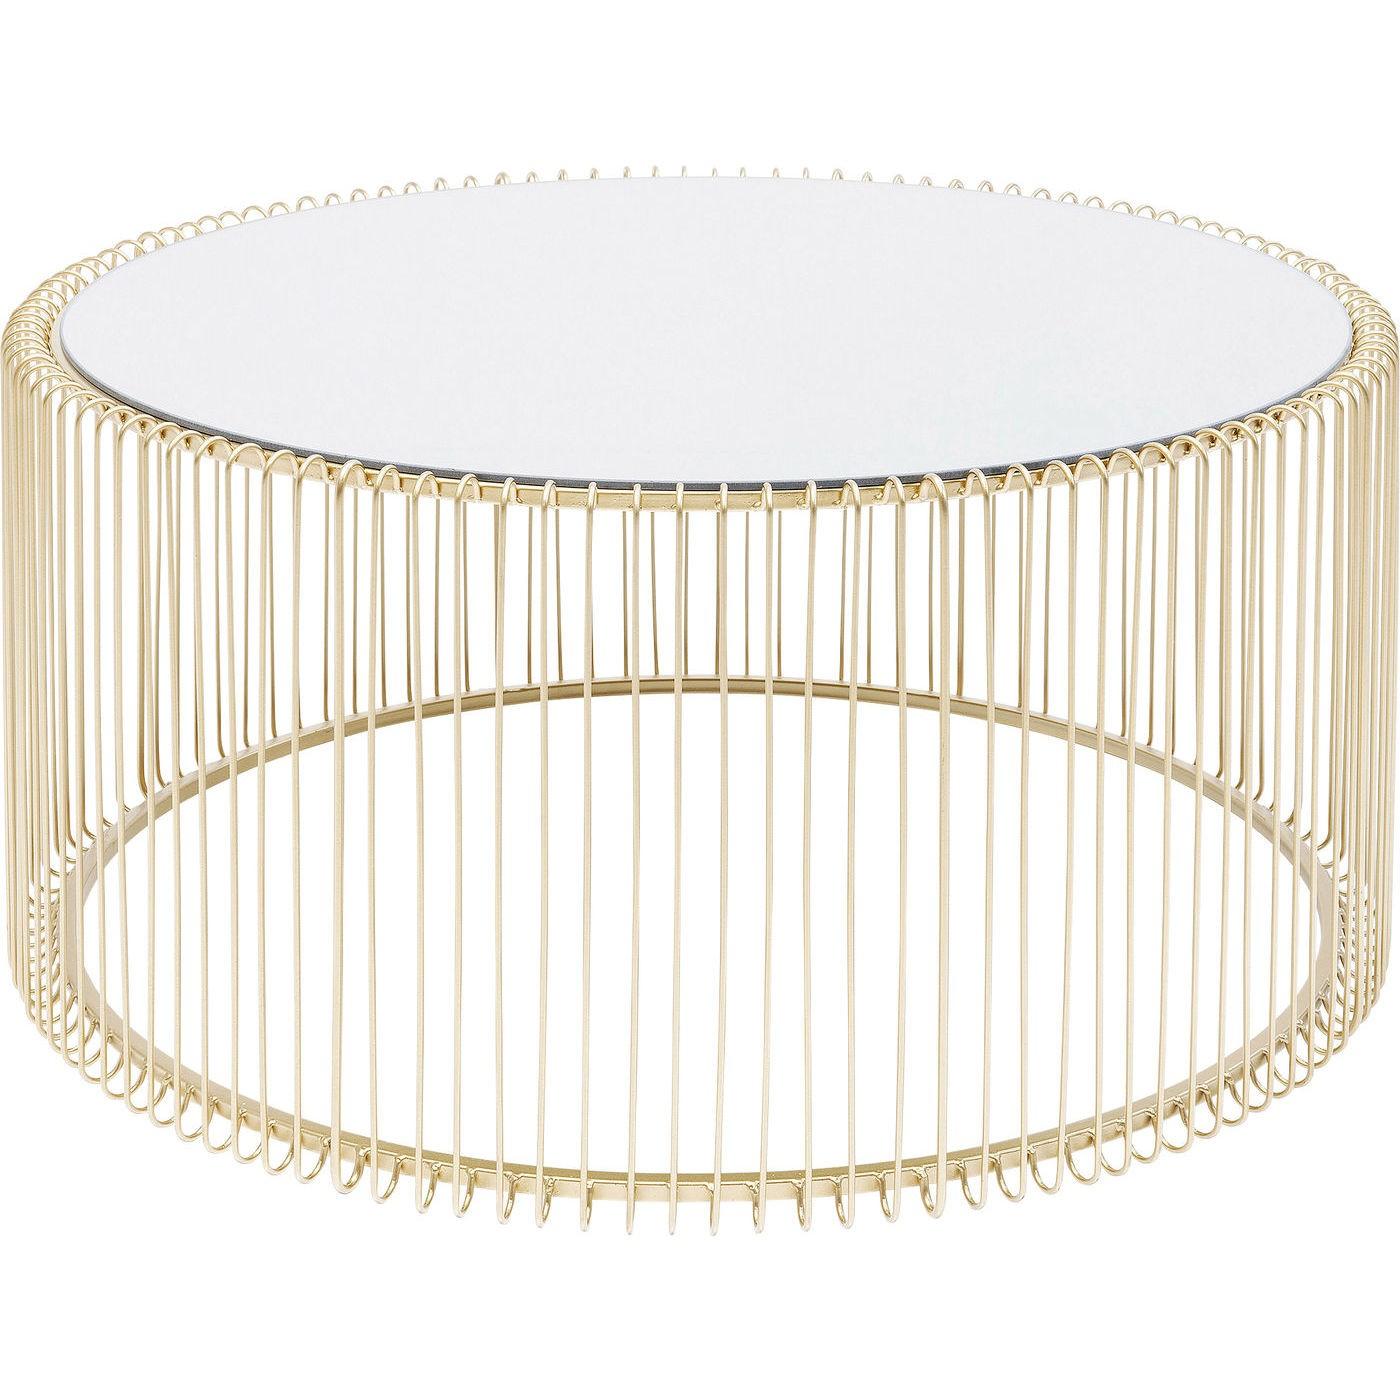 Table basse ronde en acier doré et verre miroir